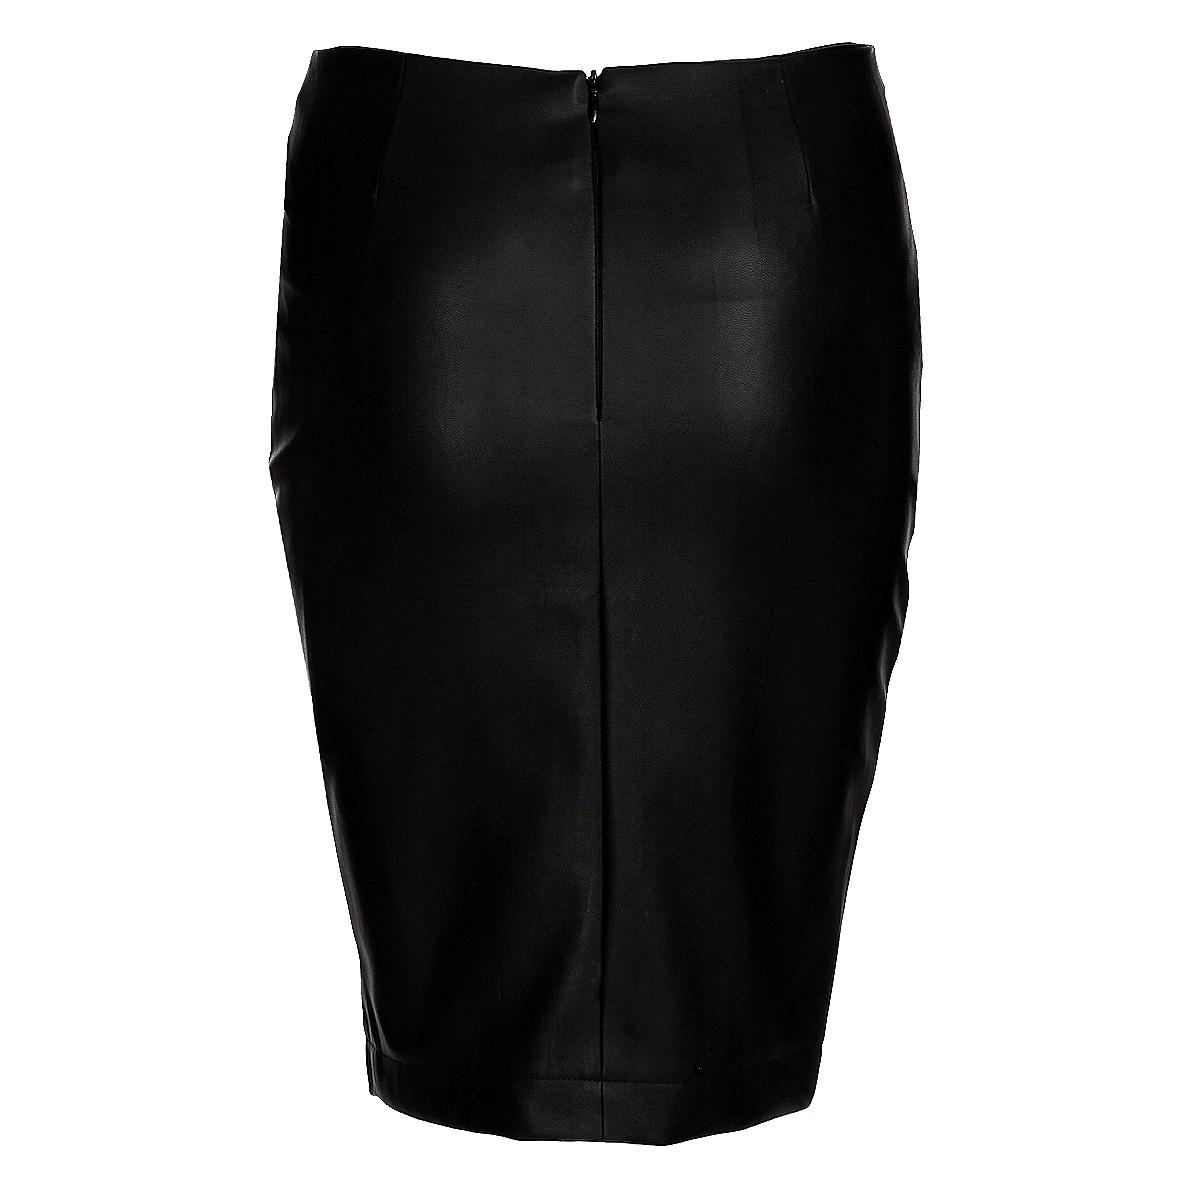 Юбка. SSD0784CASSD0784CAСтильная юбка Top Secret изготовлена из плотного материала, имитирующего кожу. Юбка-карандаш длины миди подчеркнет все достоинства вашей фигуры. Модель оформлена ассиметричной металлической молнией. Сзади юбка застегивается на потайную молнию. Эта модная юбка - отличный вариант на каждый день.